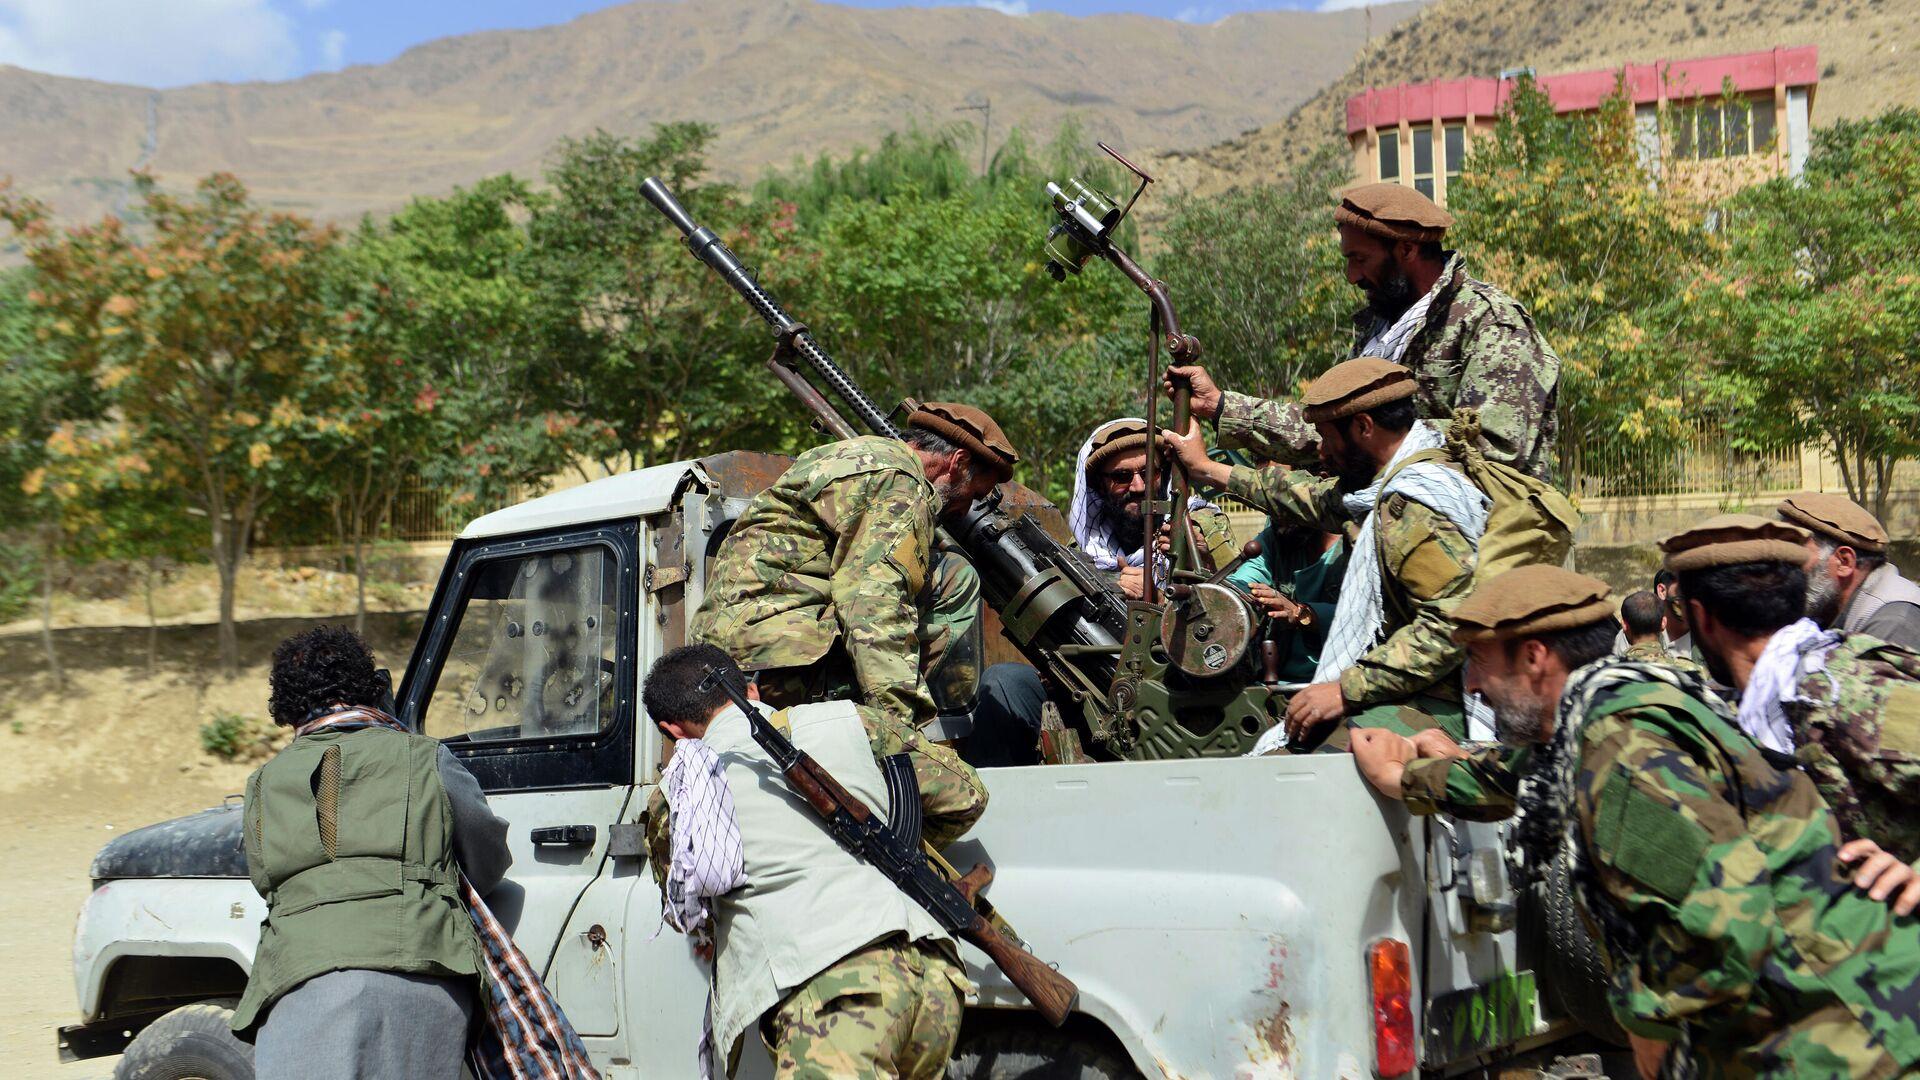 Бойцы афганского движение сопротивления Талибану* в провинции Панджшер - РИА Новости, 1920, 08.09.2021